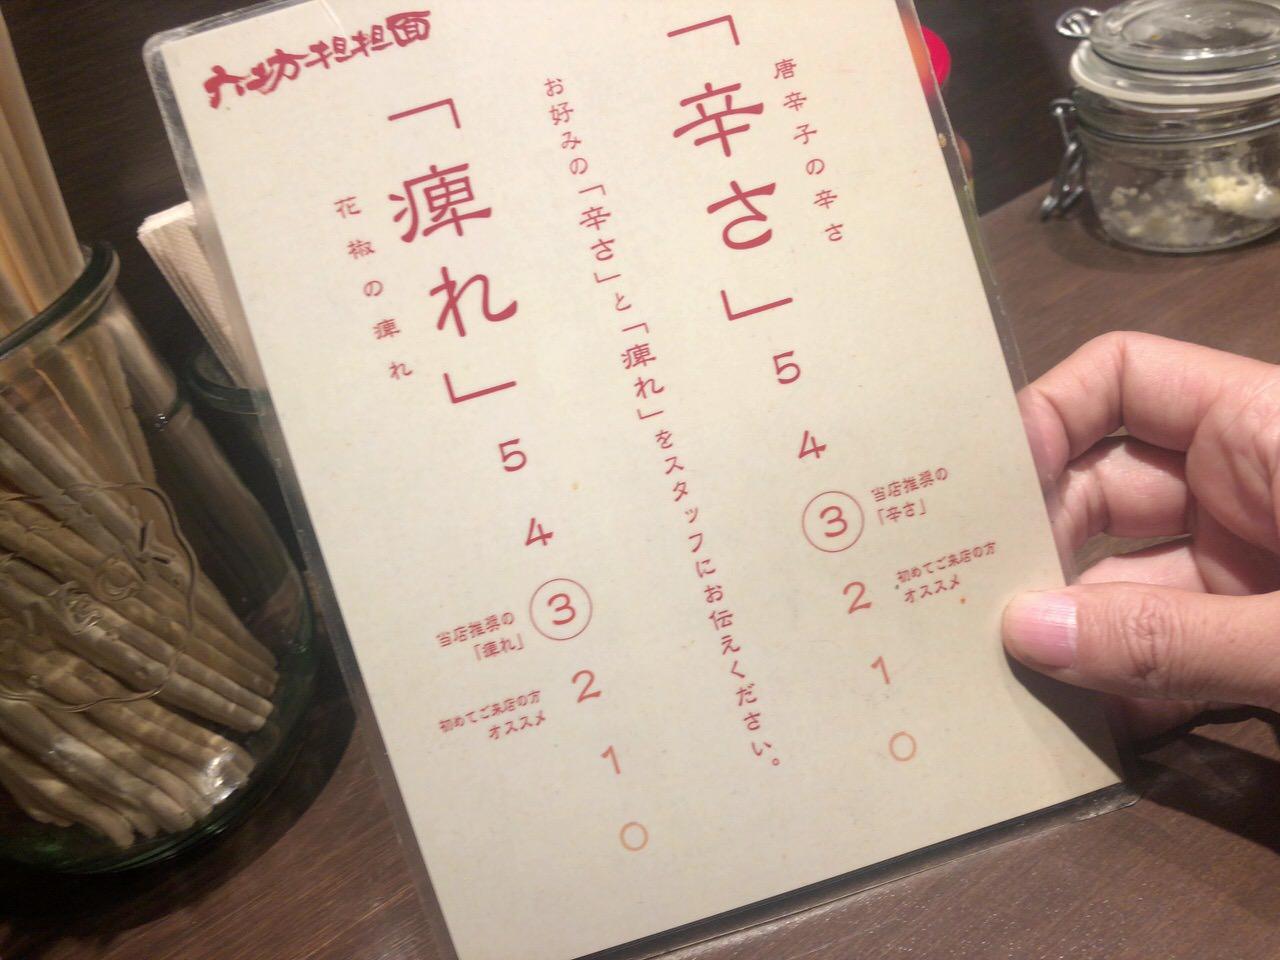 Ikebukuro rokubo 2368